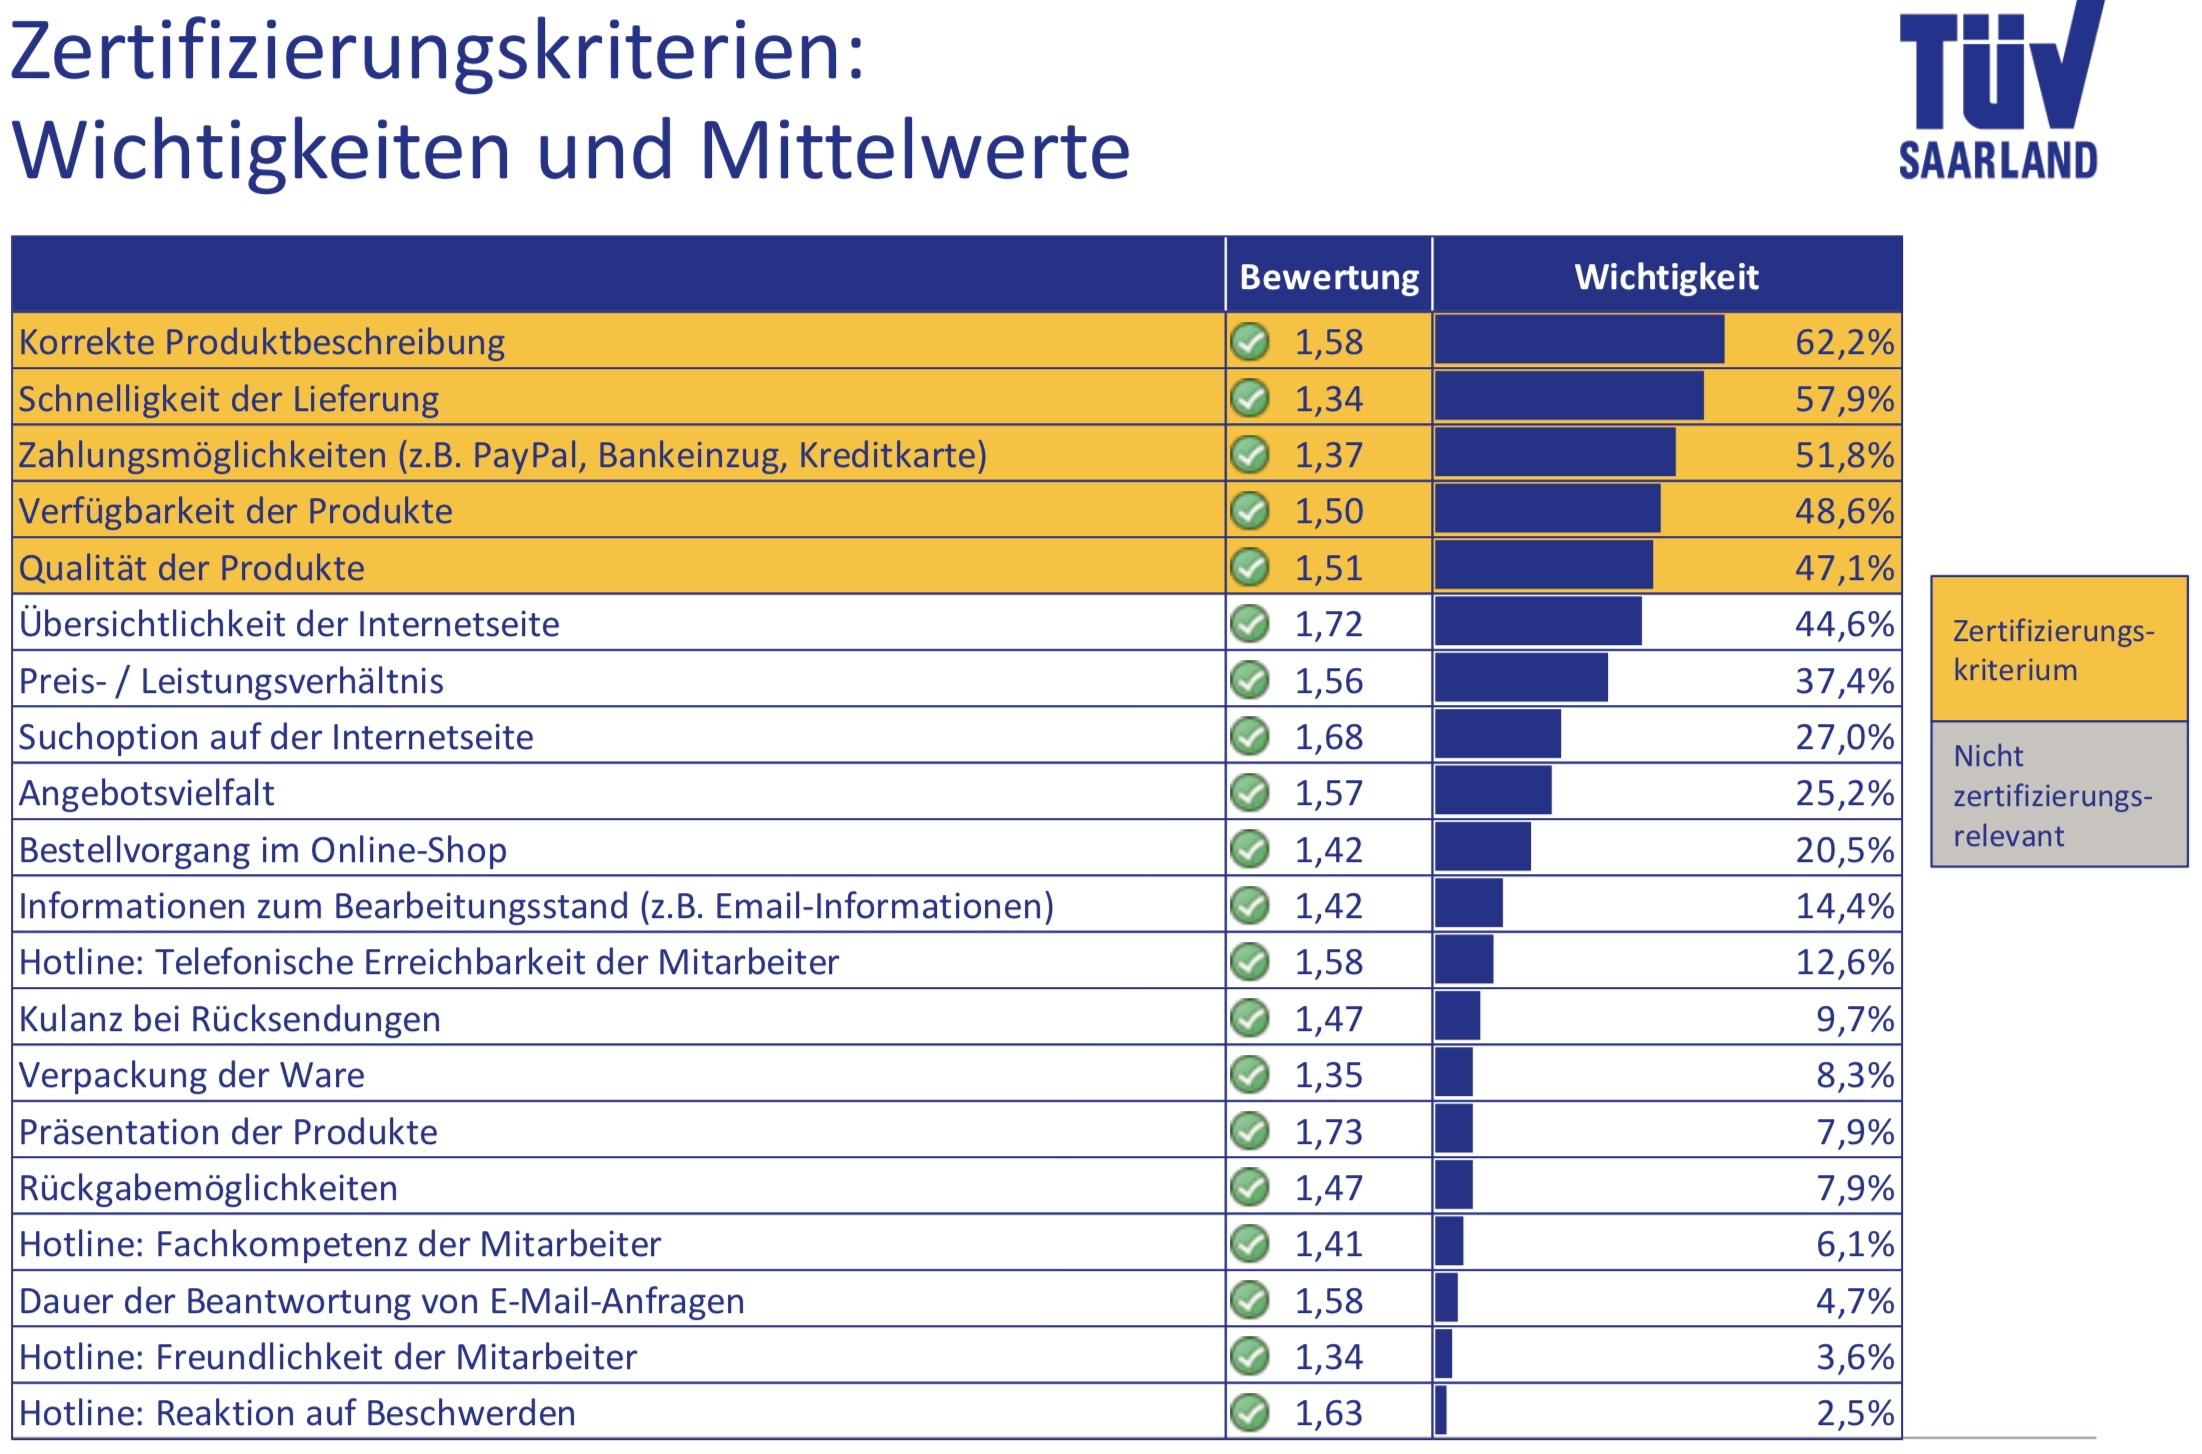 Die Zertifizierungskriterien vom TÜV Saarland 2017